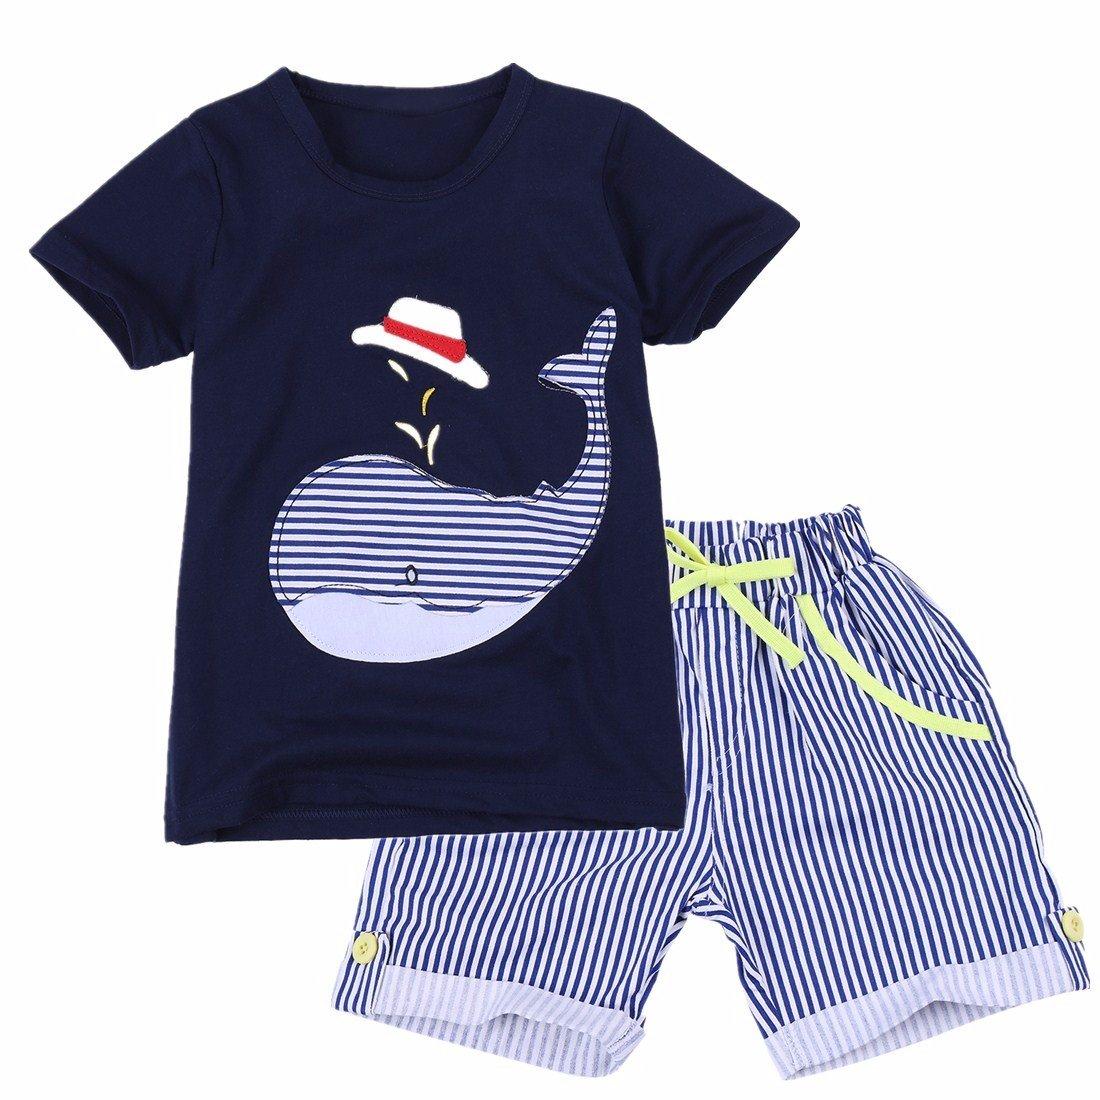 YiZYiF Conjunto Ropa Niños Camiseta de Manga Corta Pantalones Cortas Rayadas 2PCS Traje De Verano Playa para niños